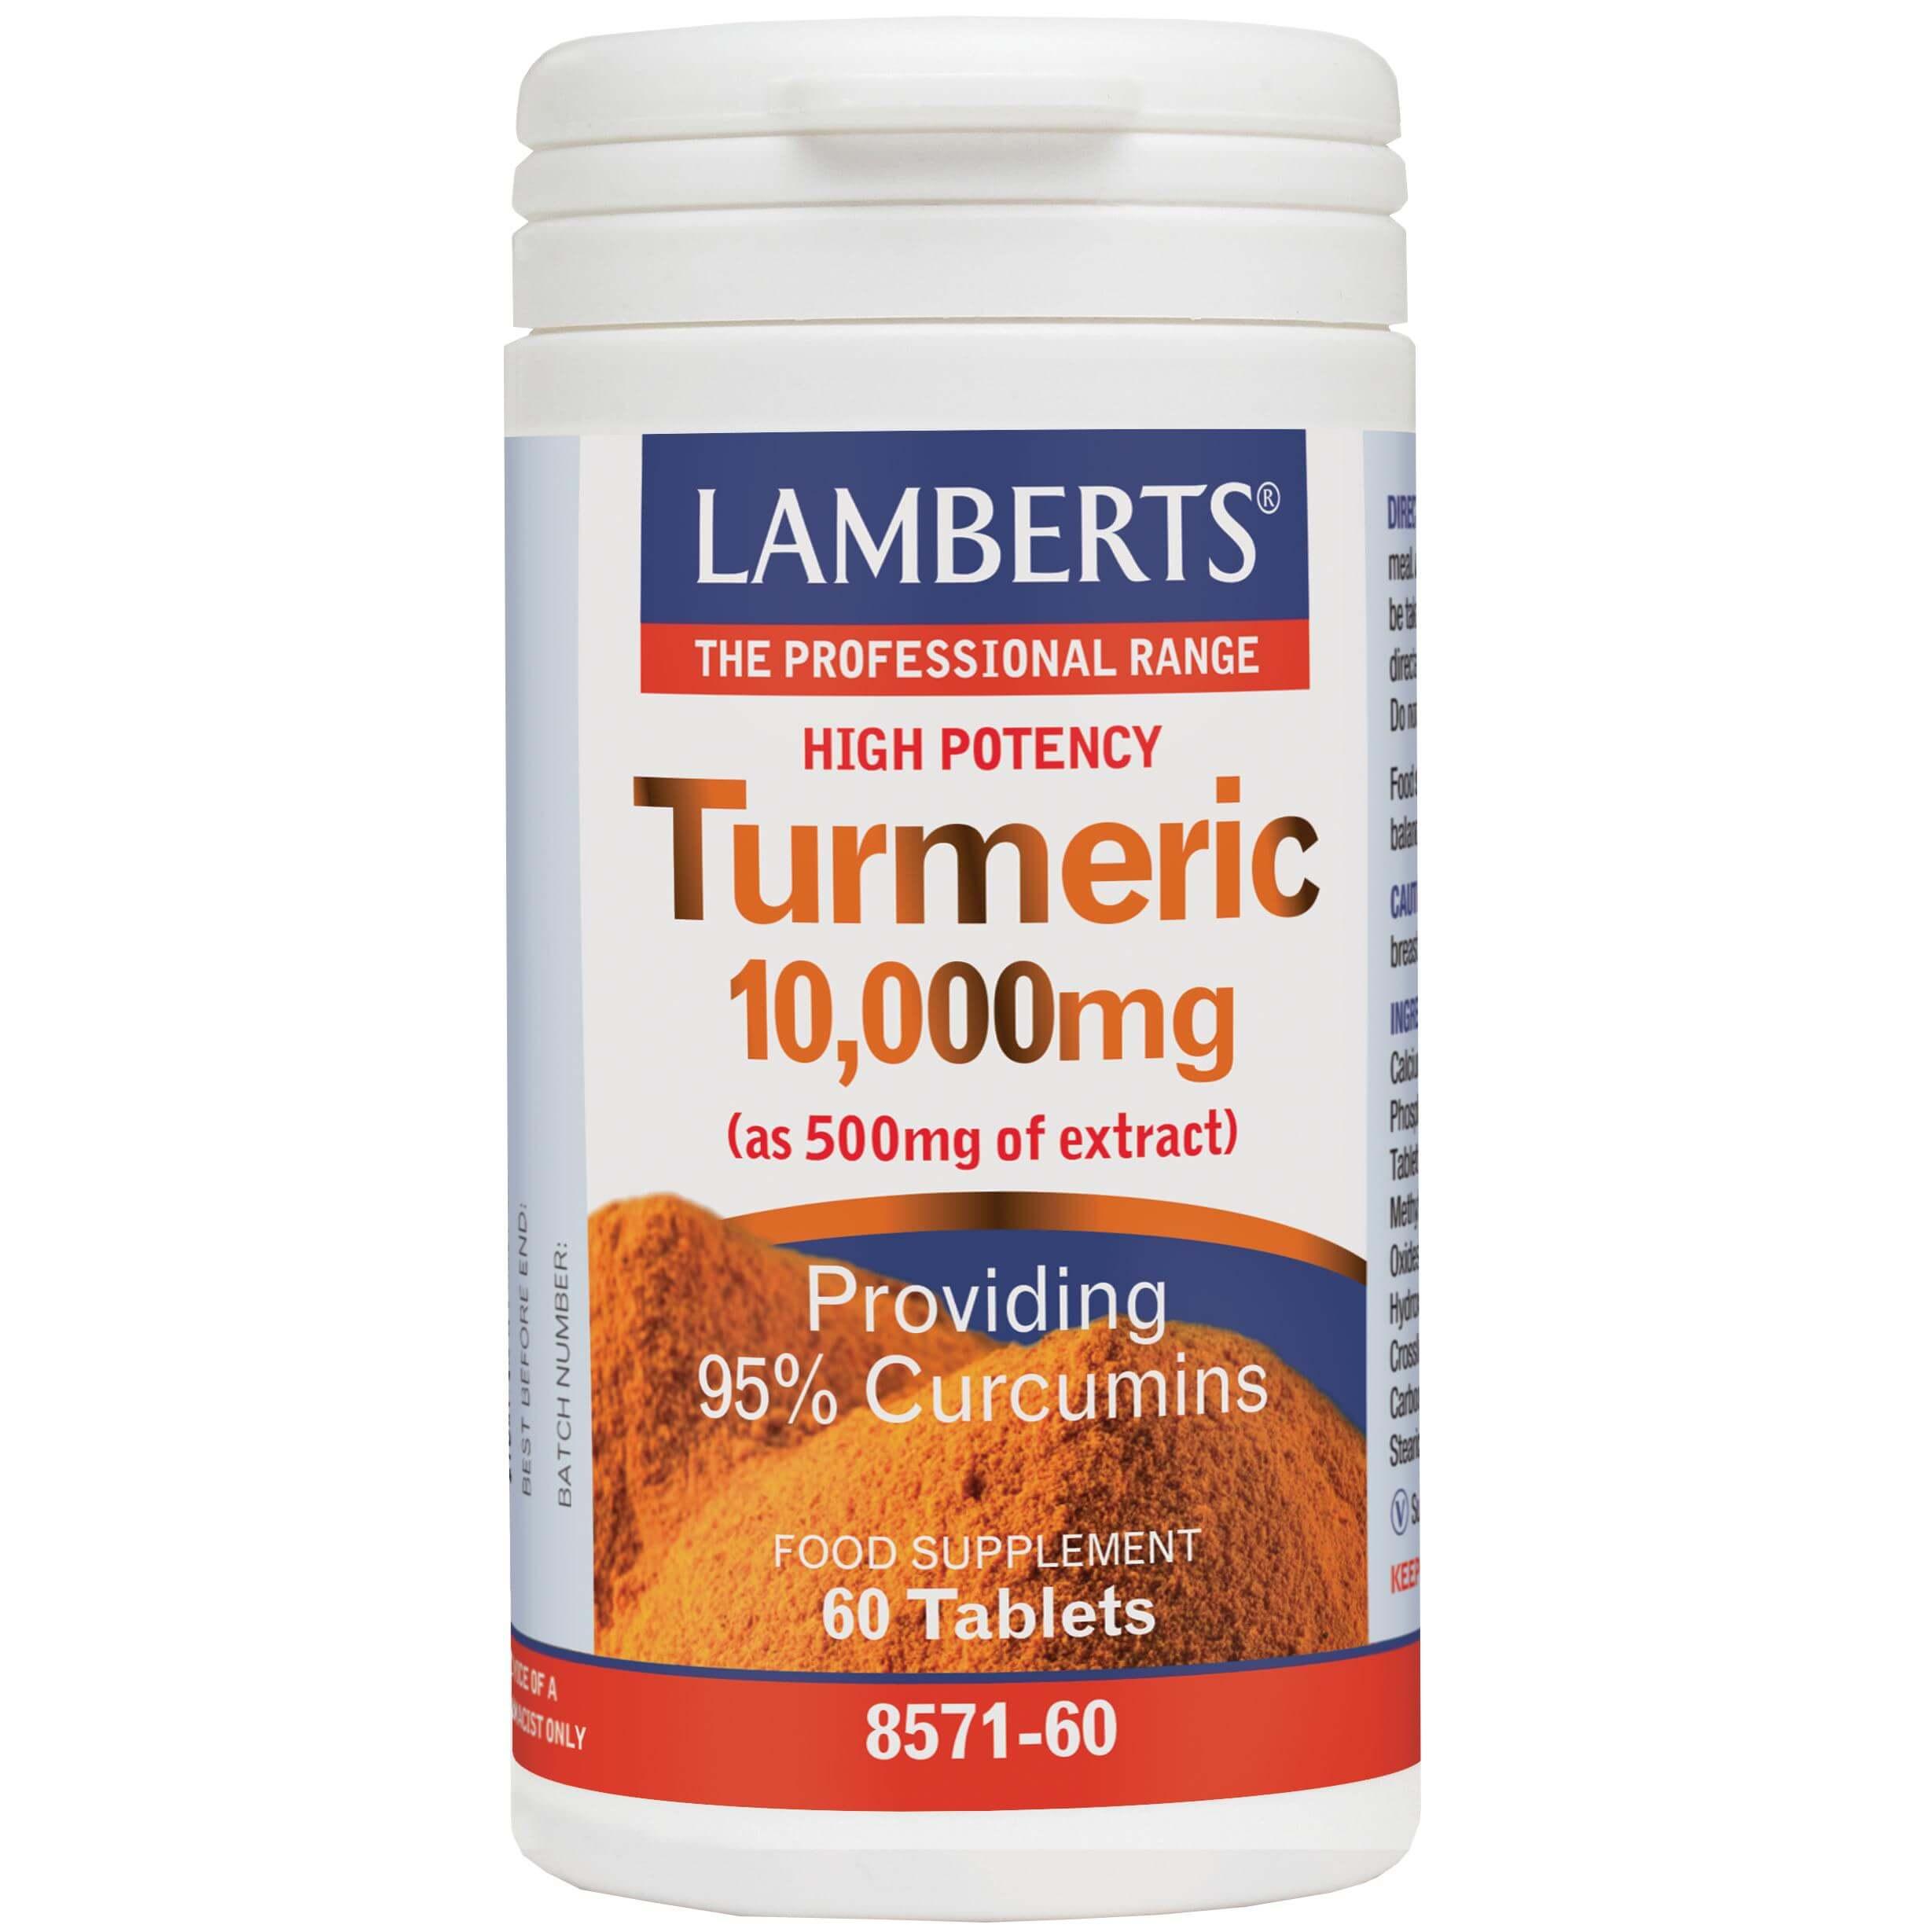 Lamberts Turmeric Συμπλήρωμα Διατροφής με Αντιφλεγμονώδη Ιδιότητες 10,000mg 60tabs